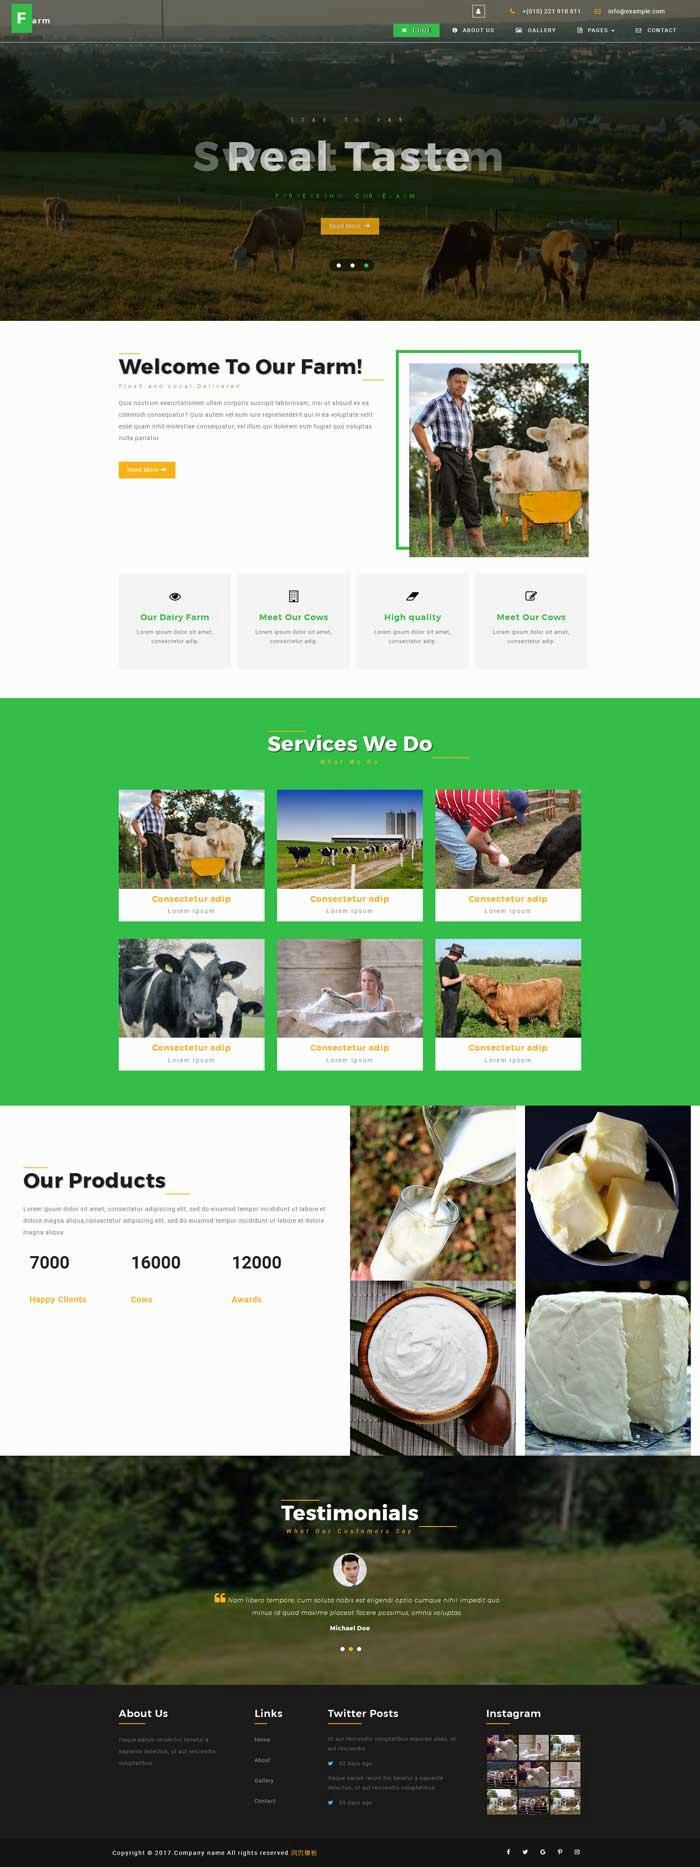 奶牛养殖场基地介绍网站模板